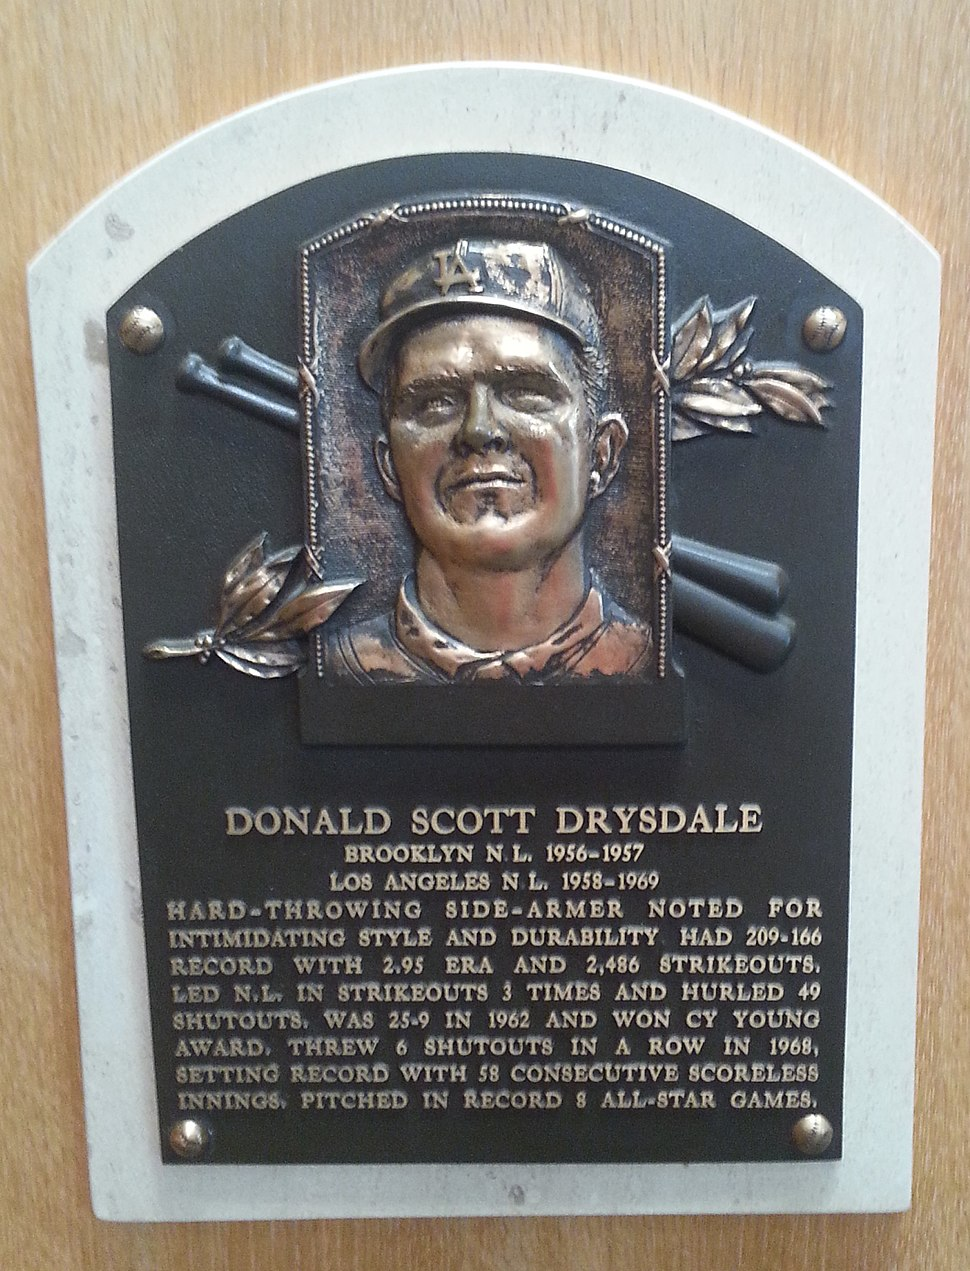 Don Drysdale plaque